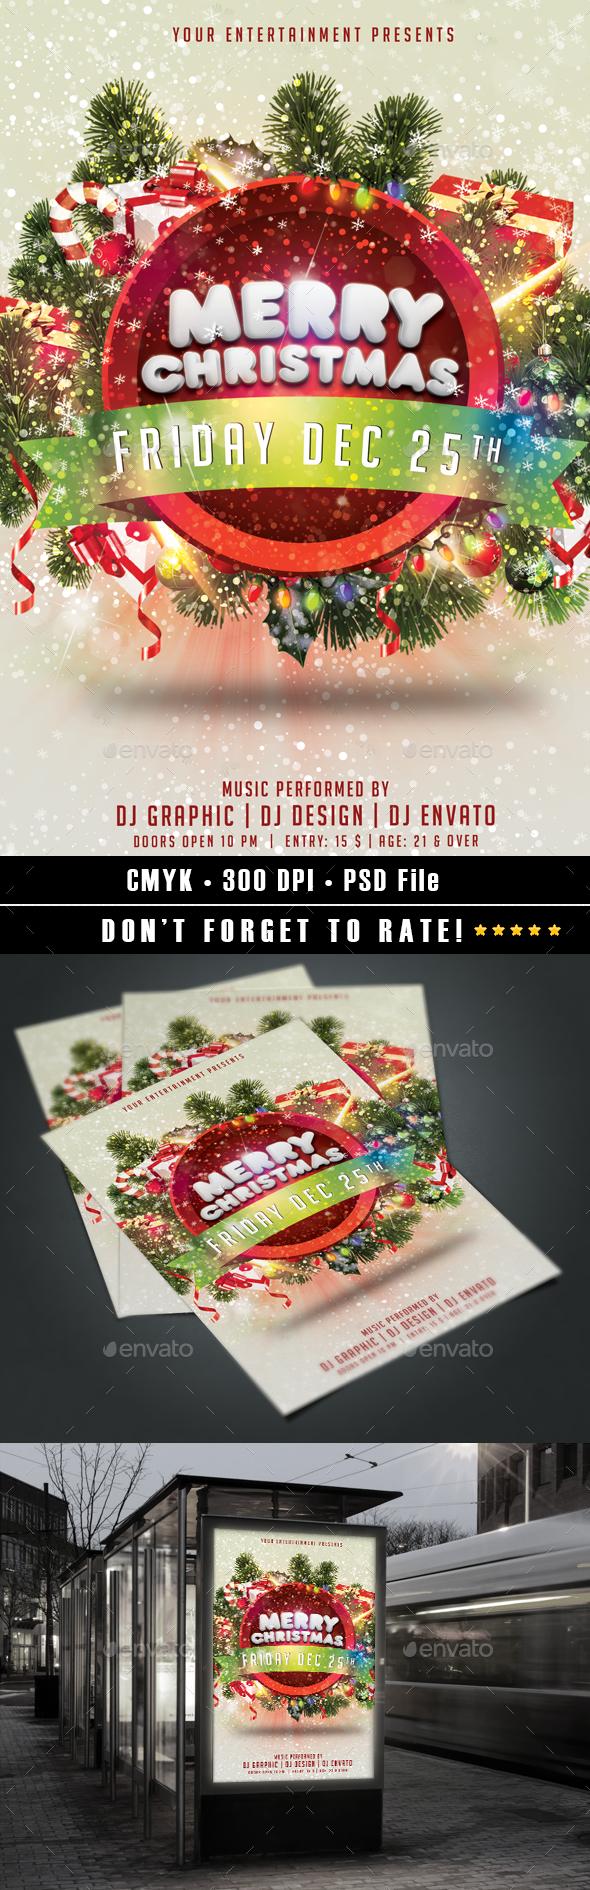 Merry Christmas flyer v2